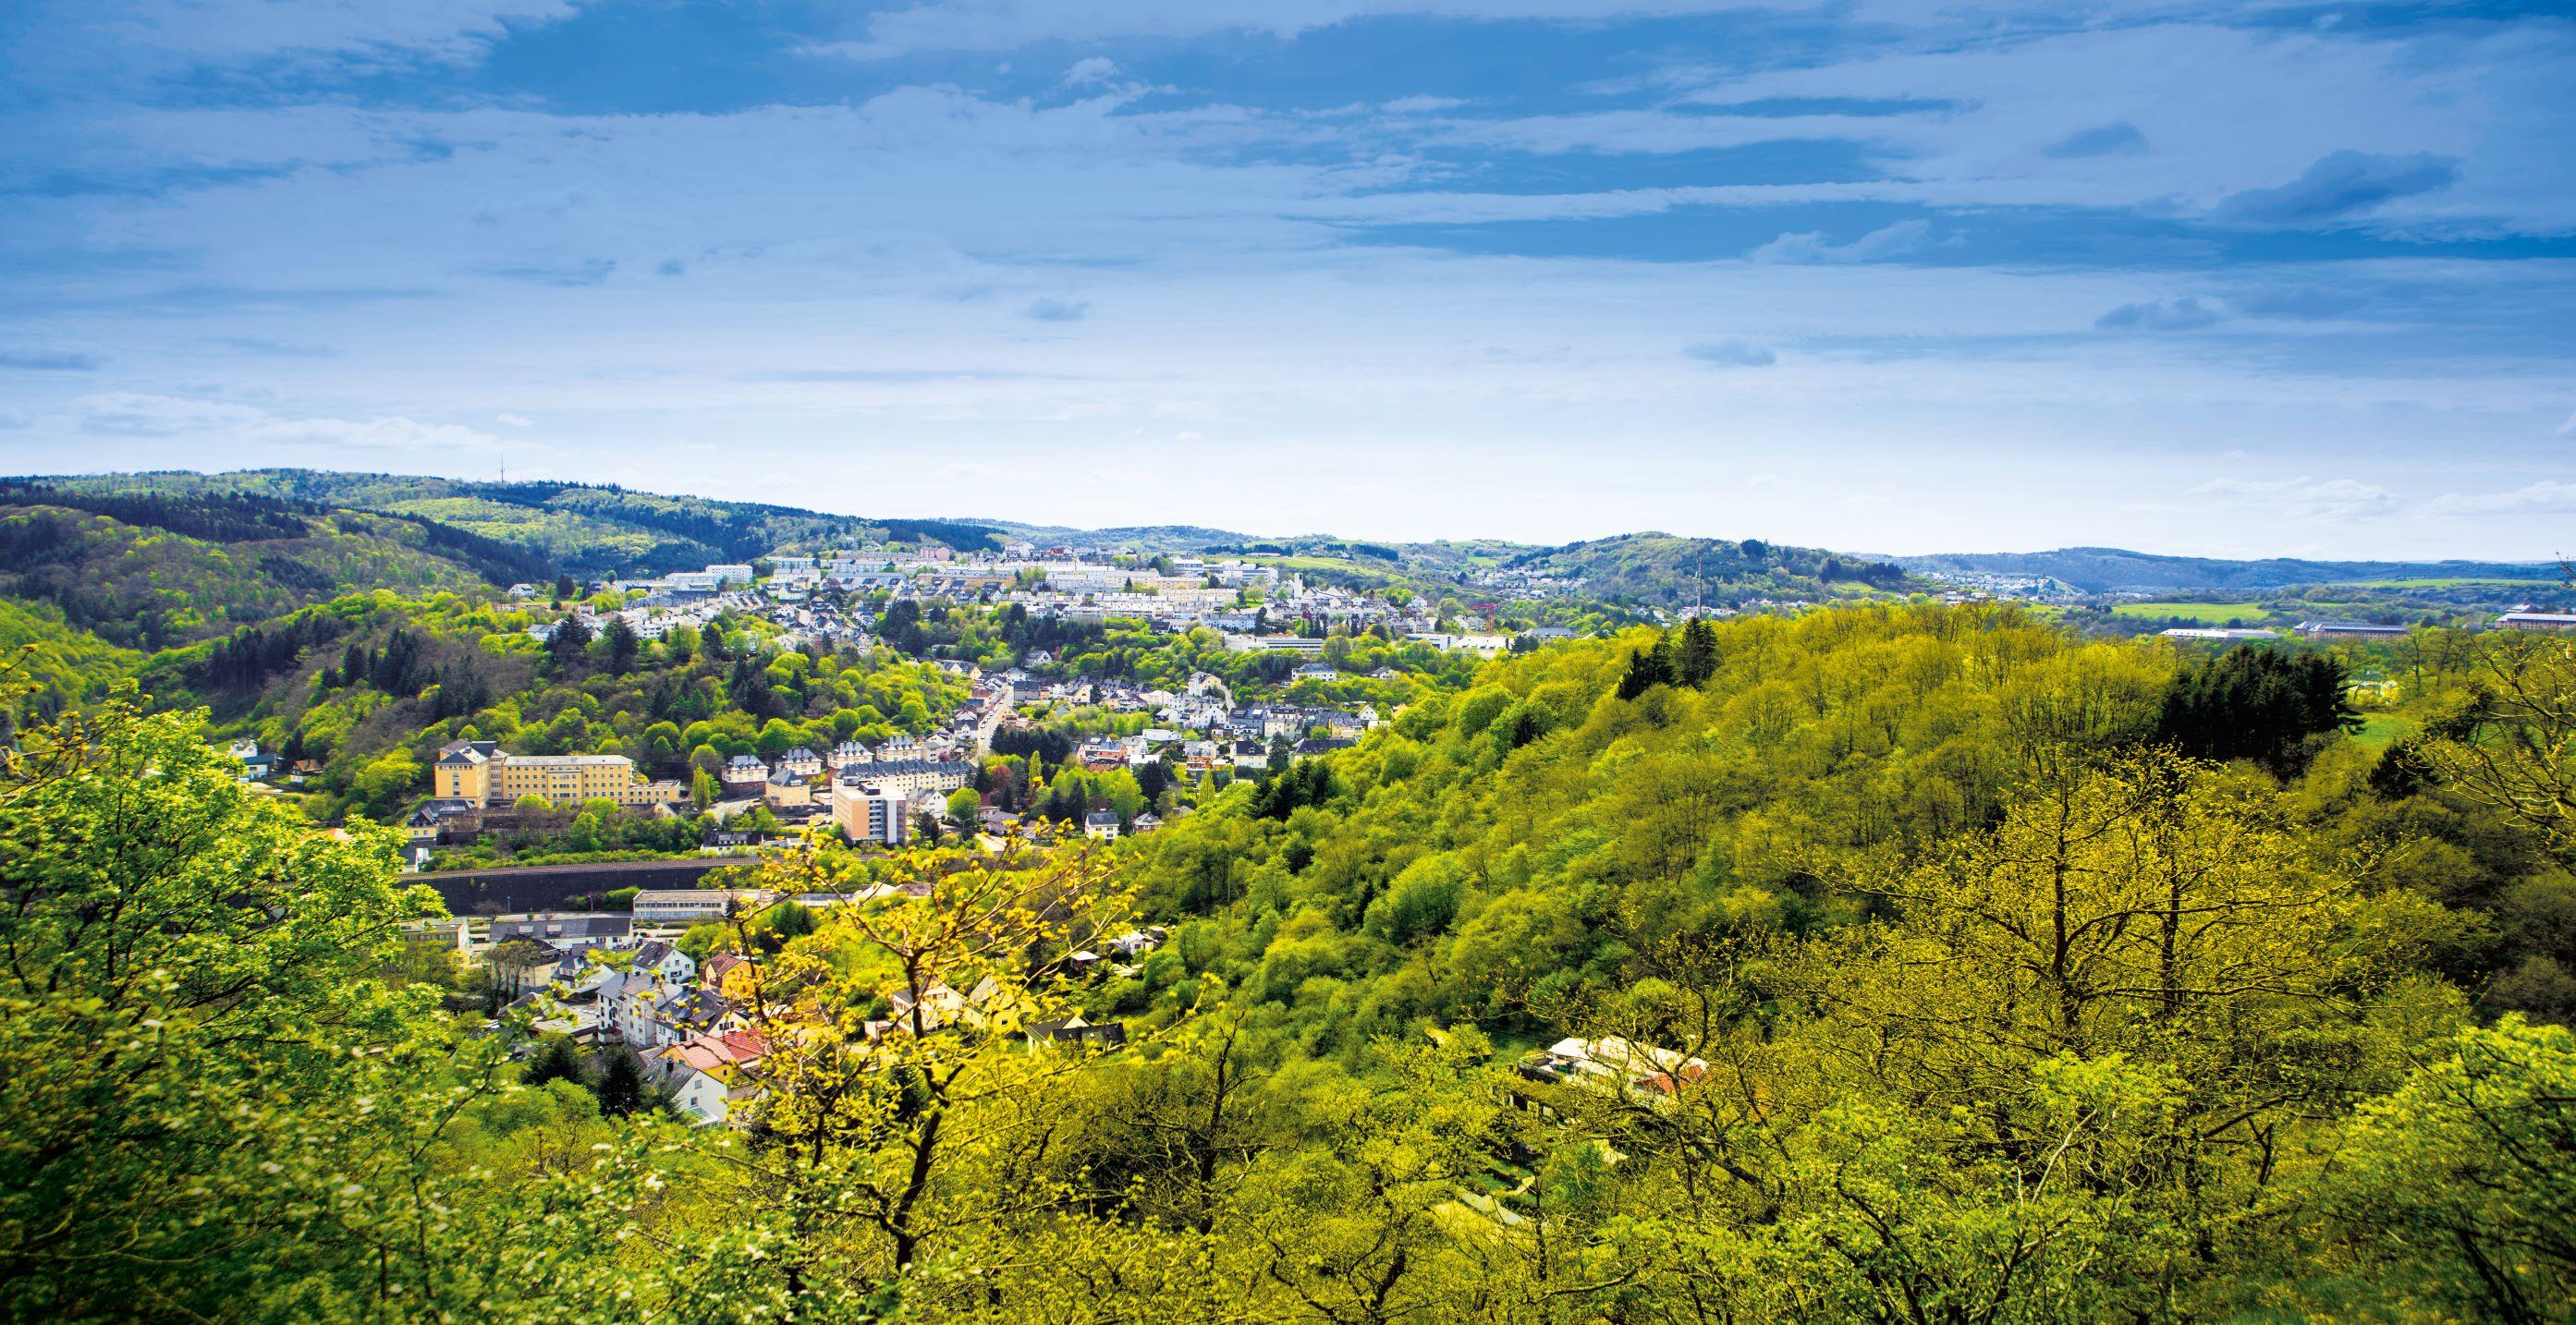 Panoramablick auf Idar-Oberstein und die herrliche Naturkulisse, EdelSteinLand